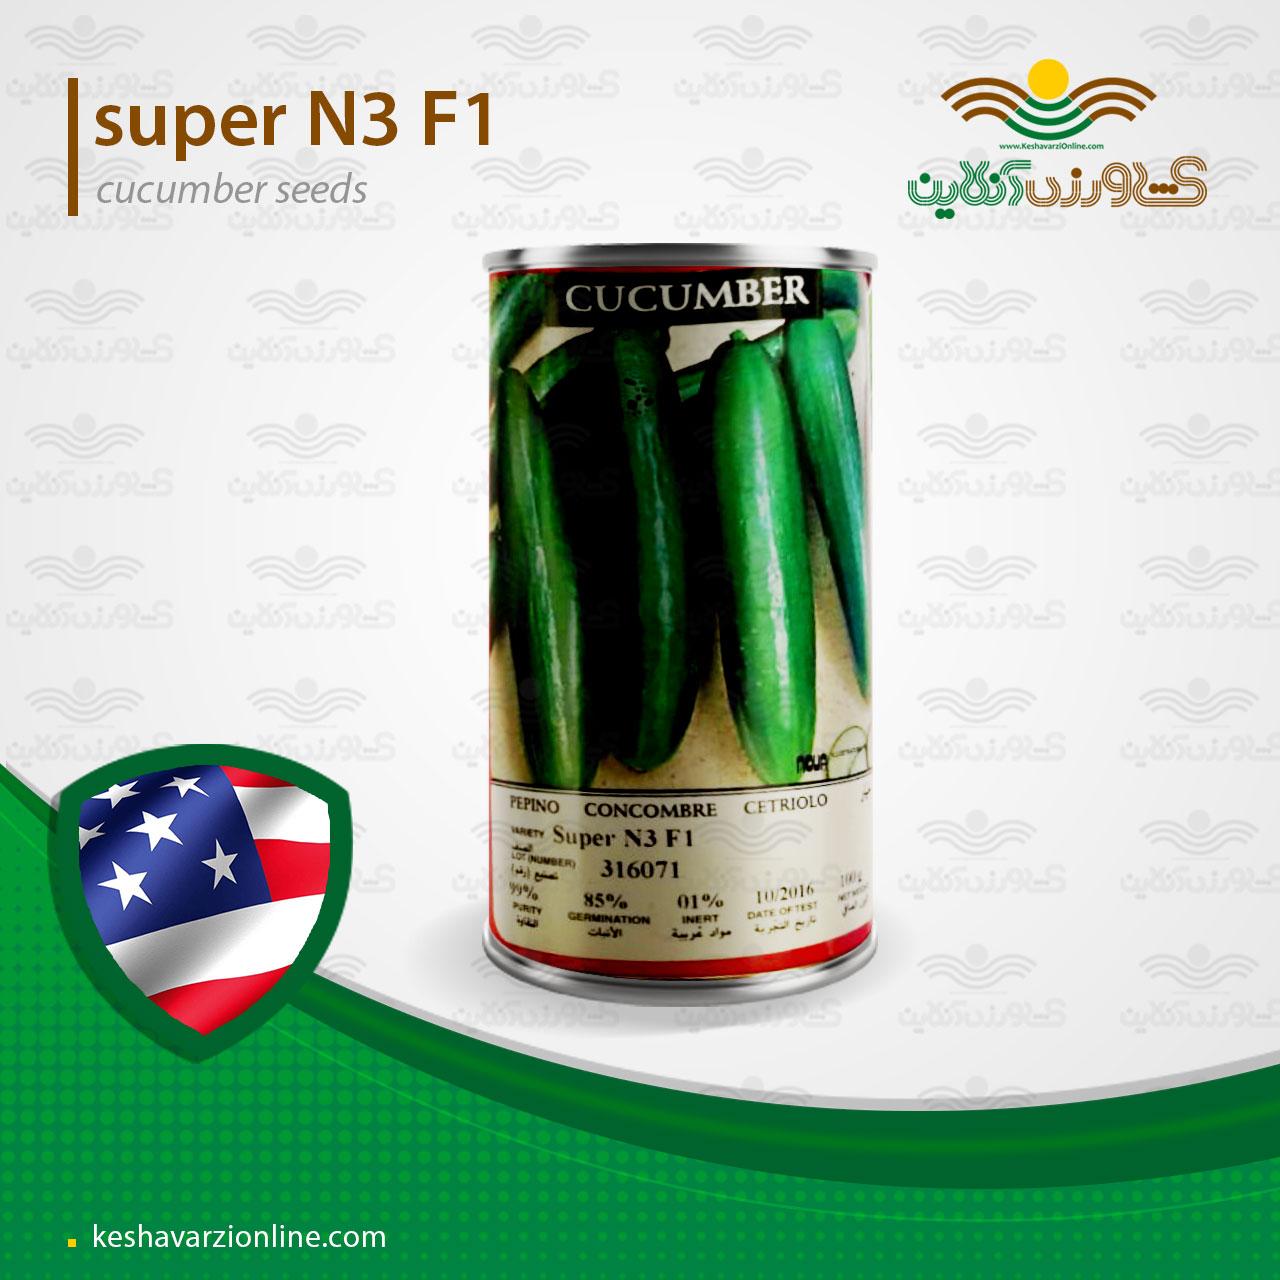 بذر خیار زمینی سوپر ان 3 هد امریکا